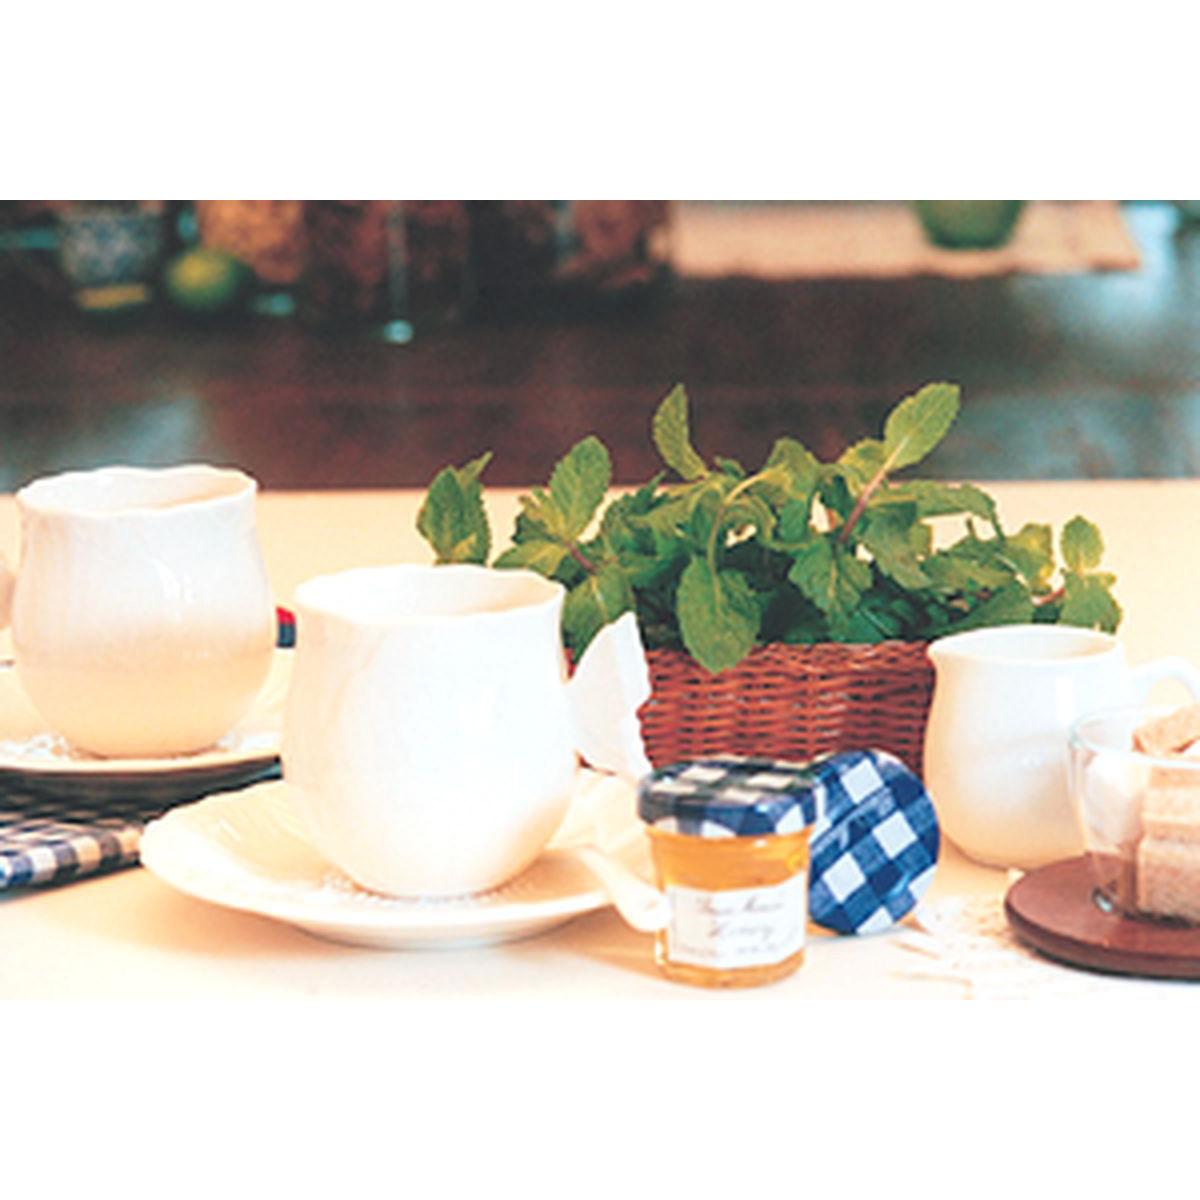 食譜:蜂蜜薄荷茶